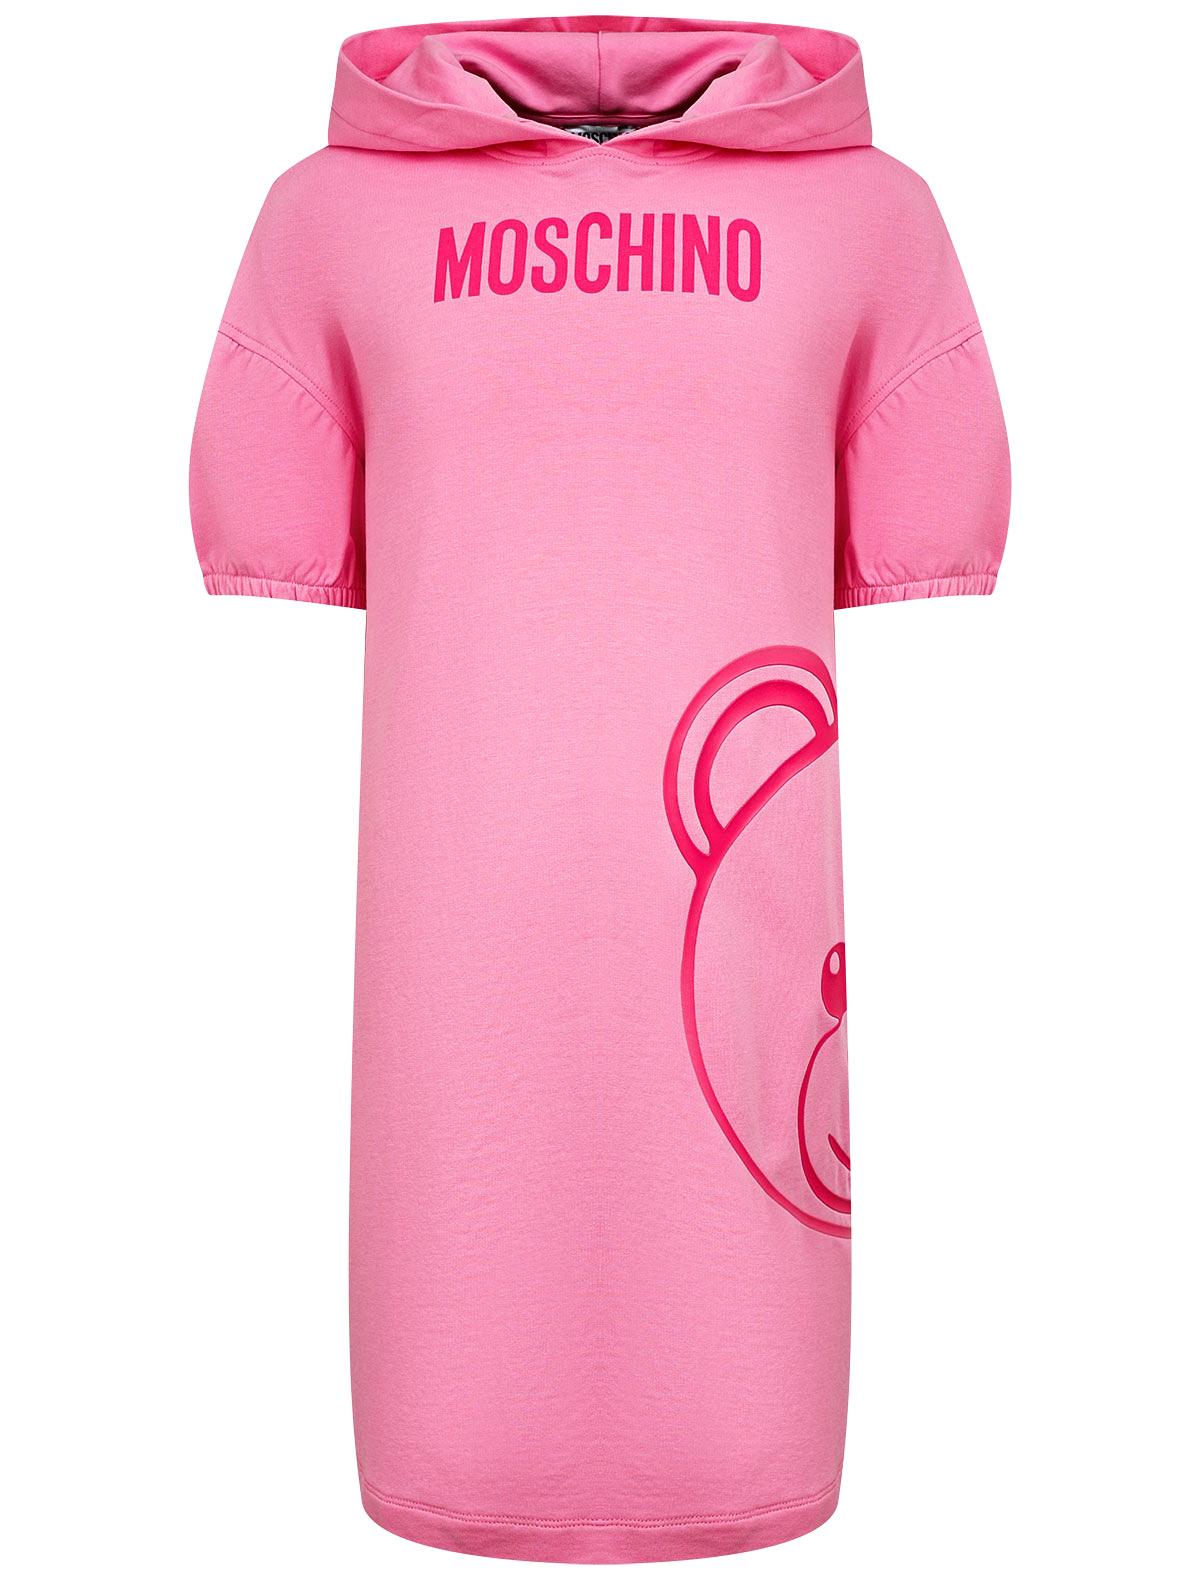 Купить 2290507, Платье Moschino, розовый, Женский, 1054509178721